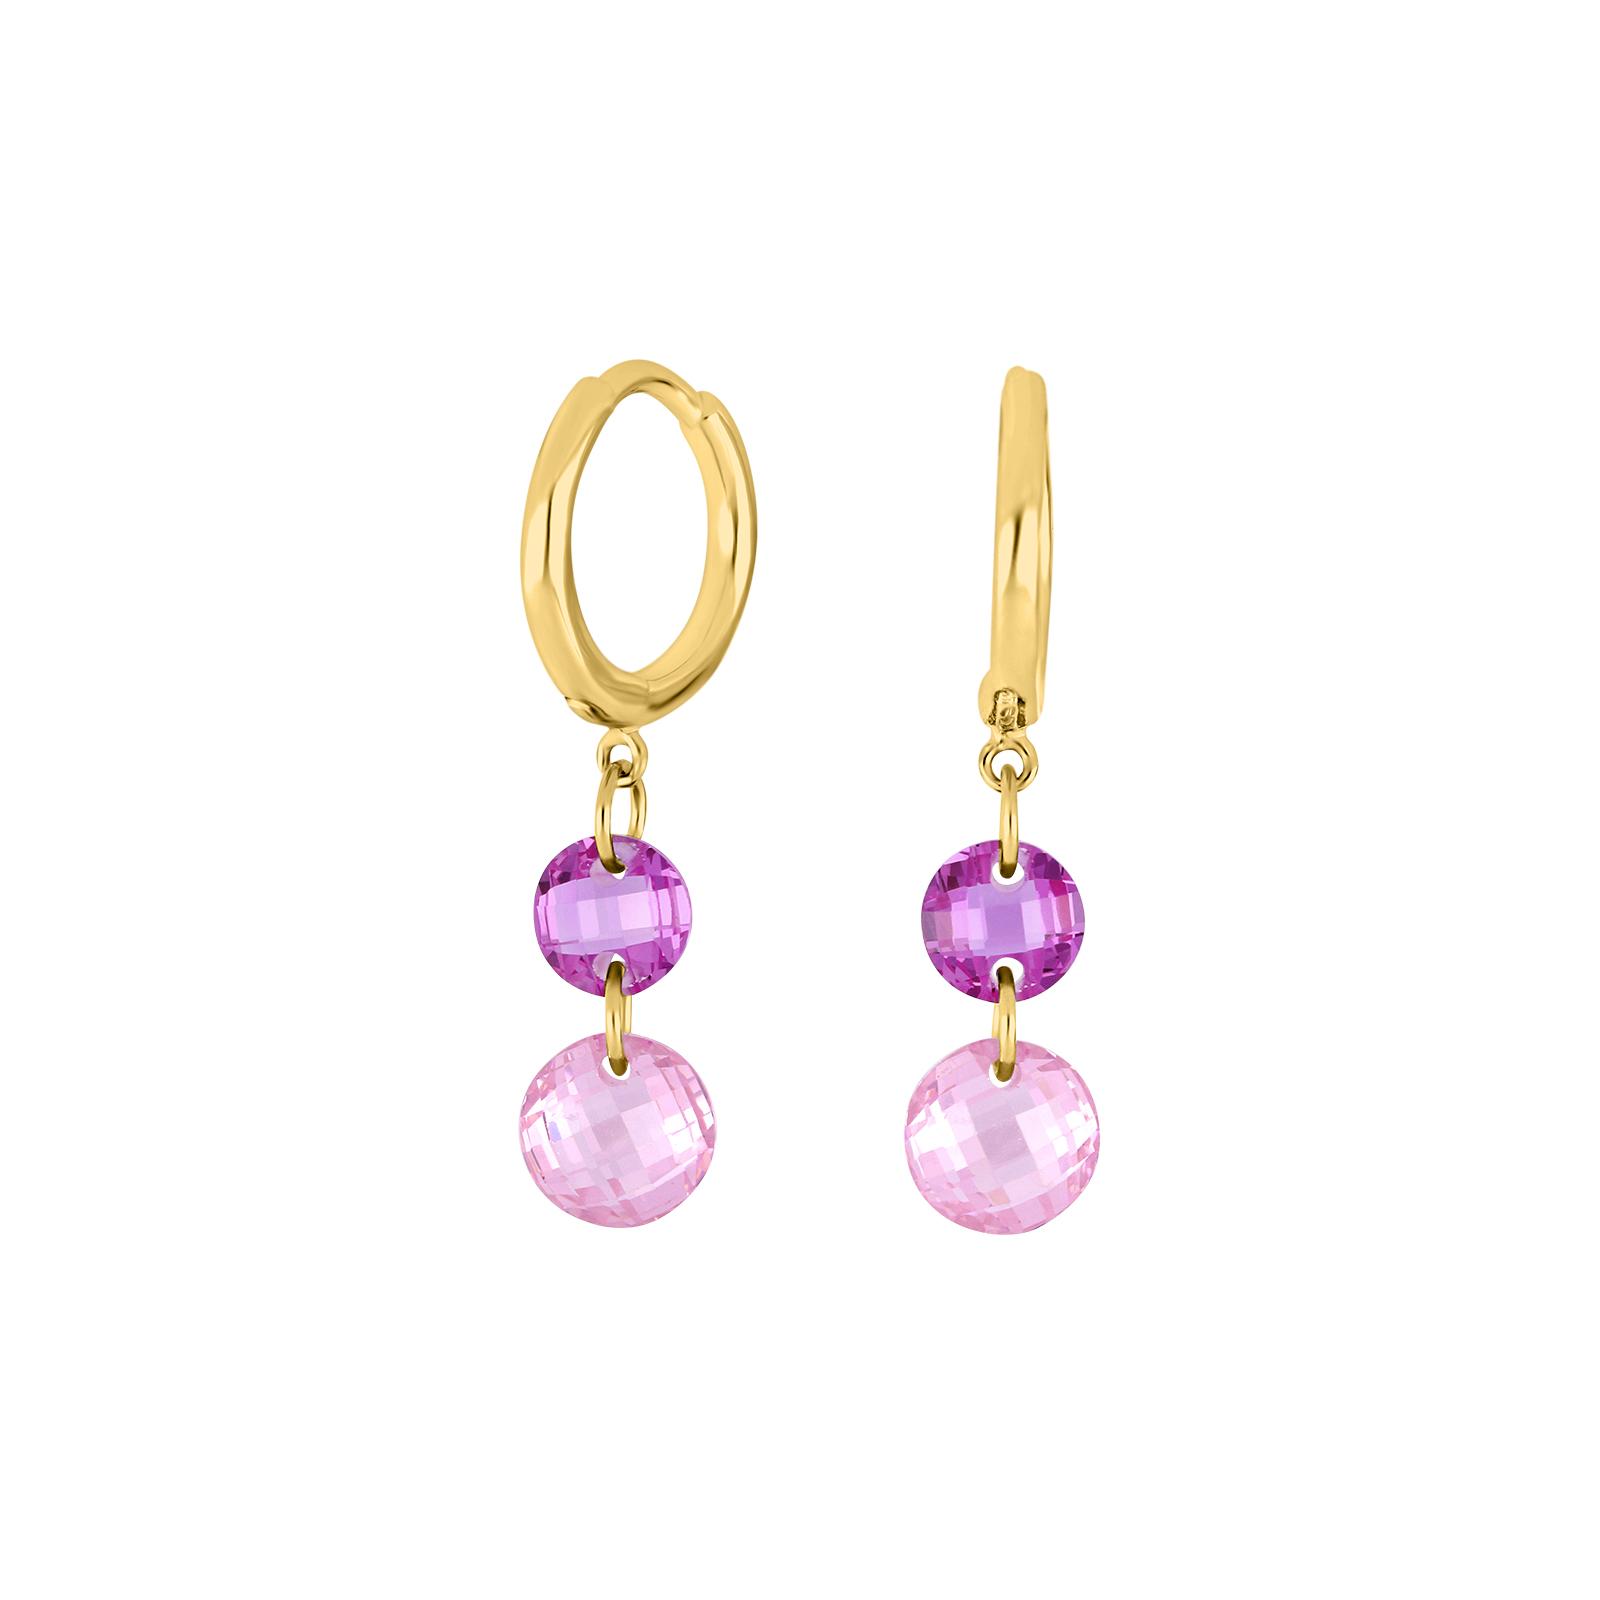 Forgyldt sølv ørehænger med pink og lilla zirkoner